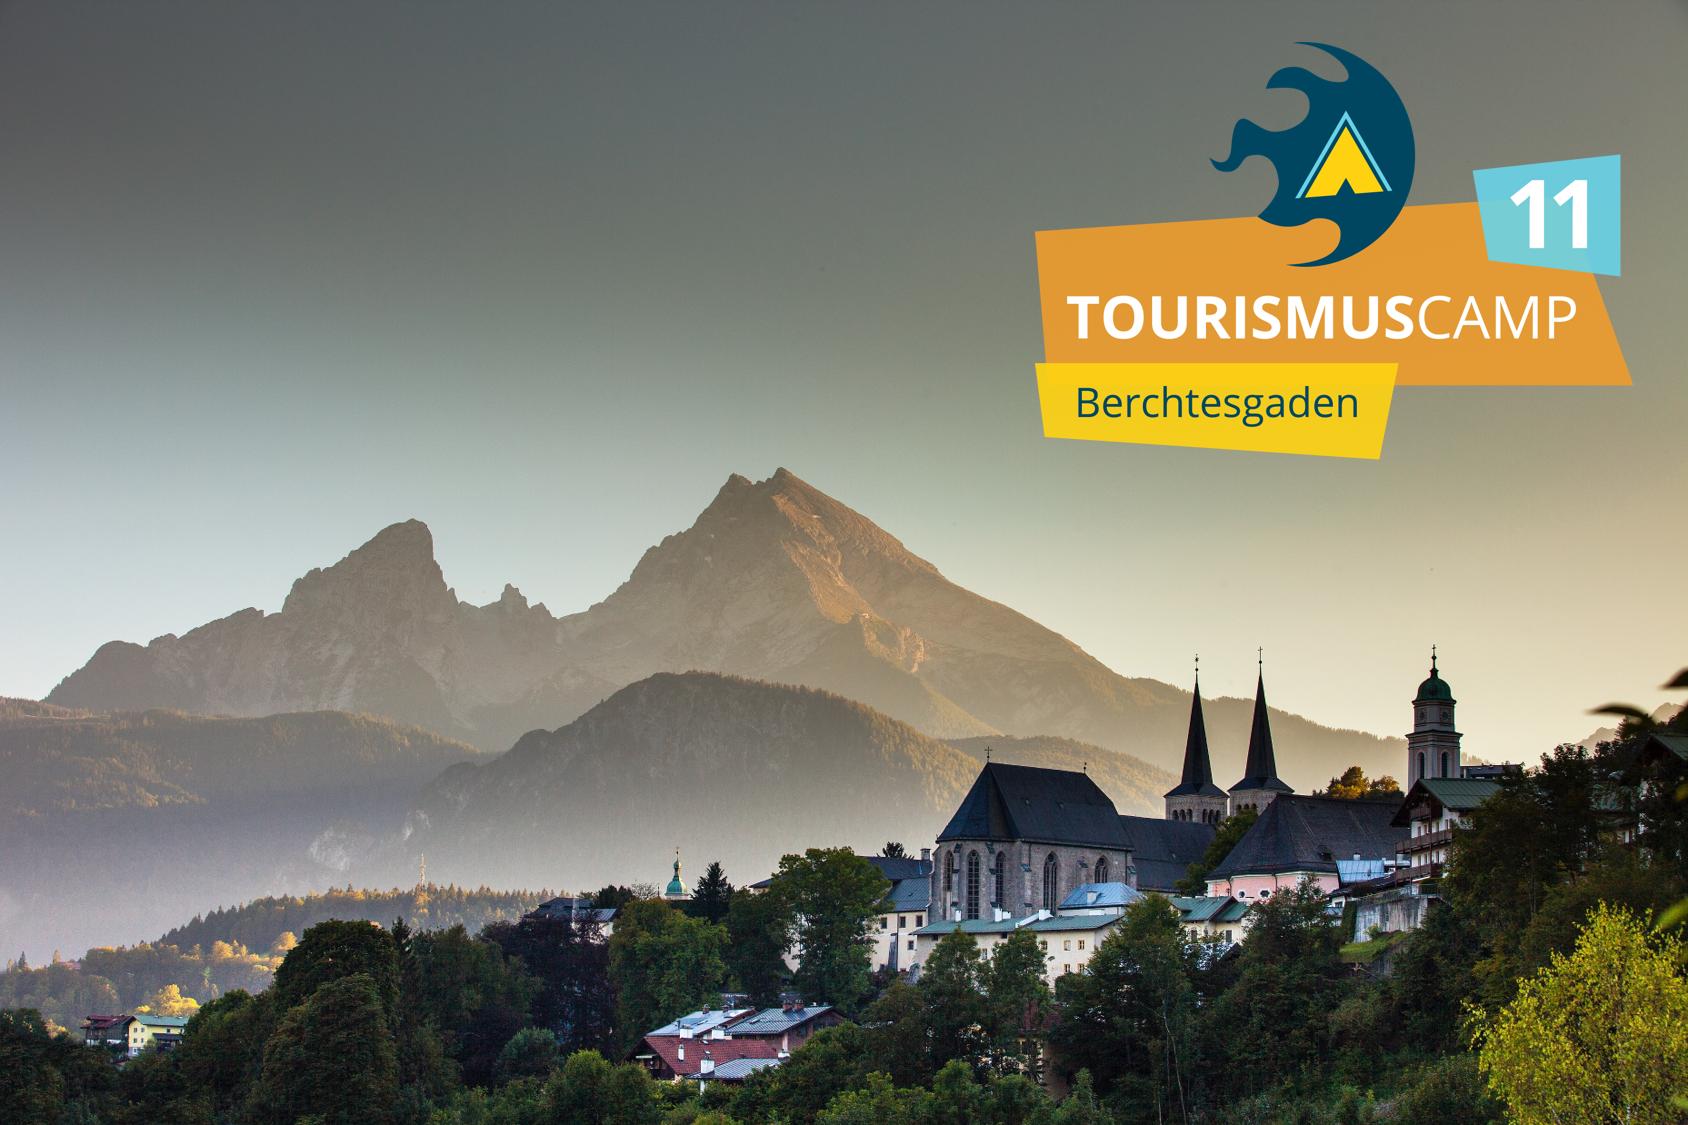 Berchtesgaden (c) BGLT